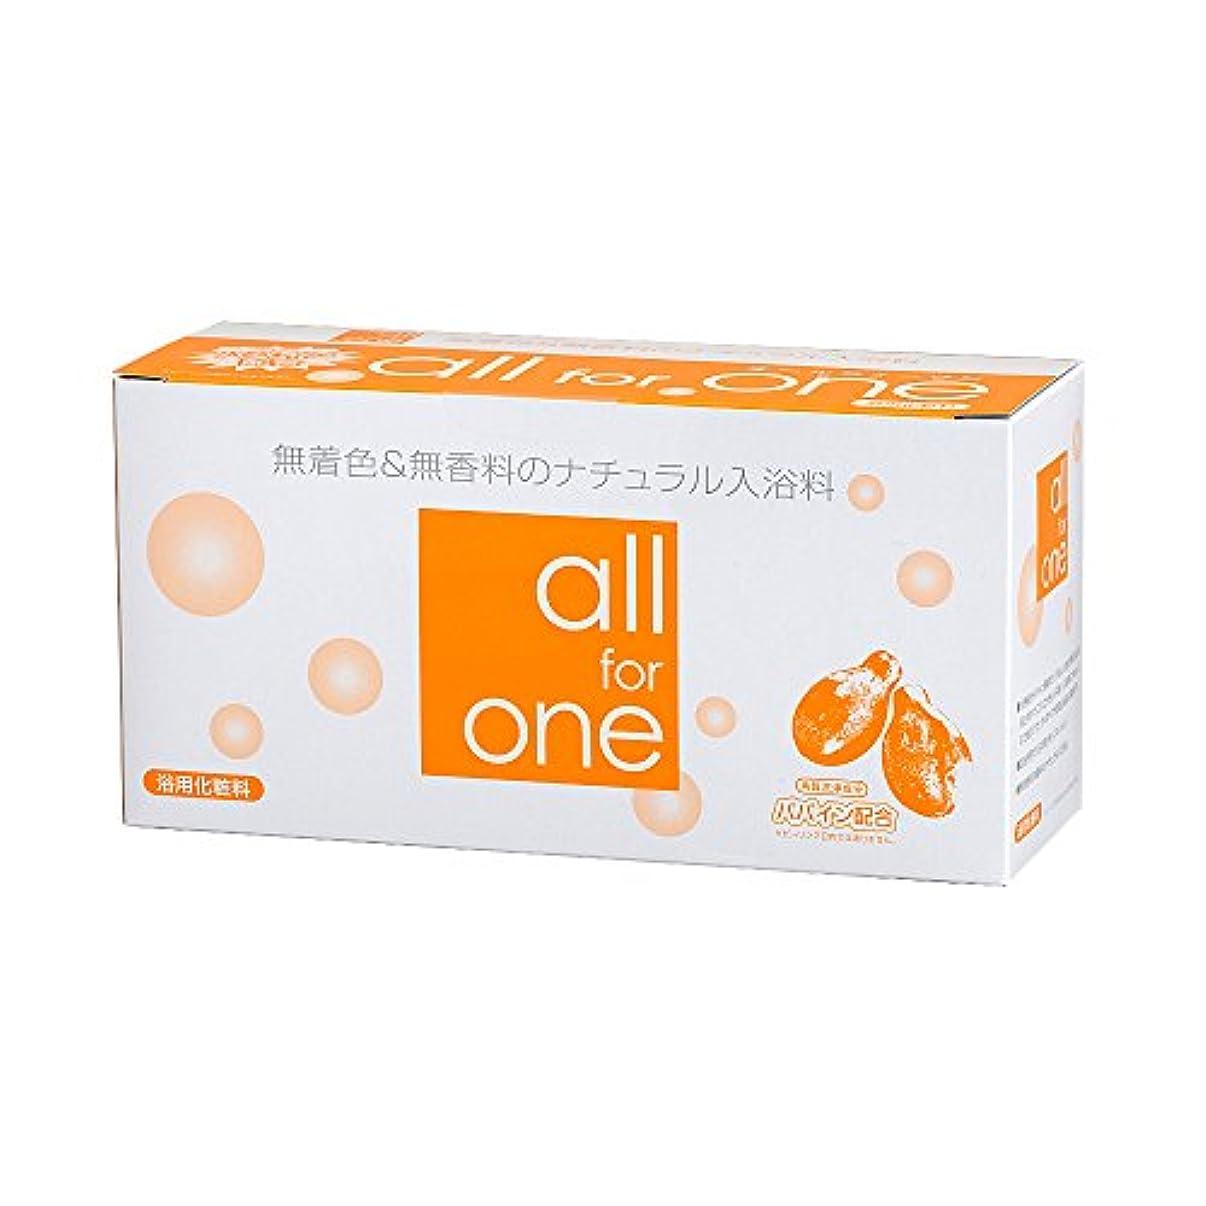 百アルカイック拳パパイン酵素配合 無着色&無香料 ナチュラル入浴剤 all for one 30包